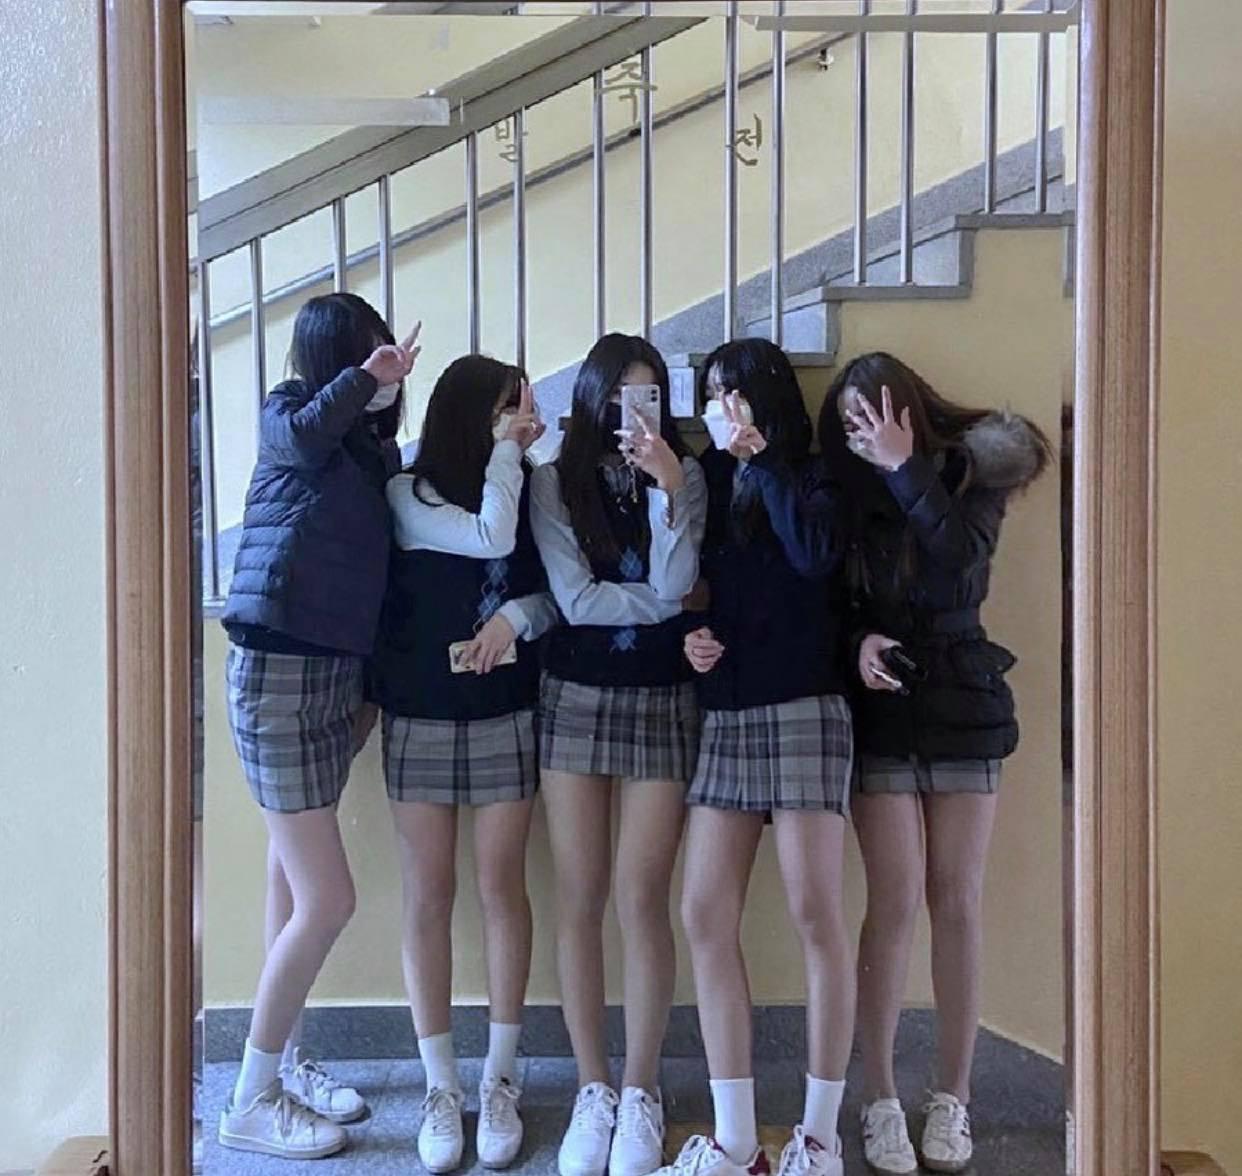 Đồng phục kiệm vải của nữ sinh Hàn khiến nhiều người lo ngại - 2